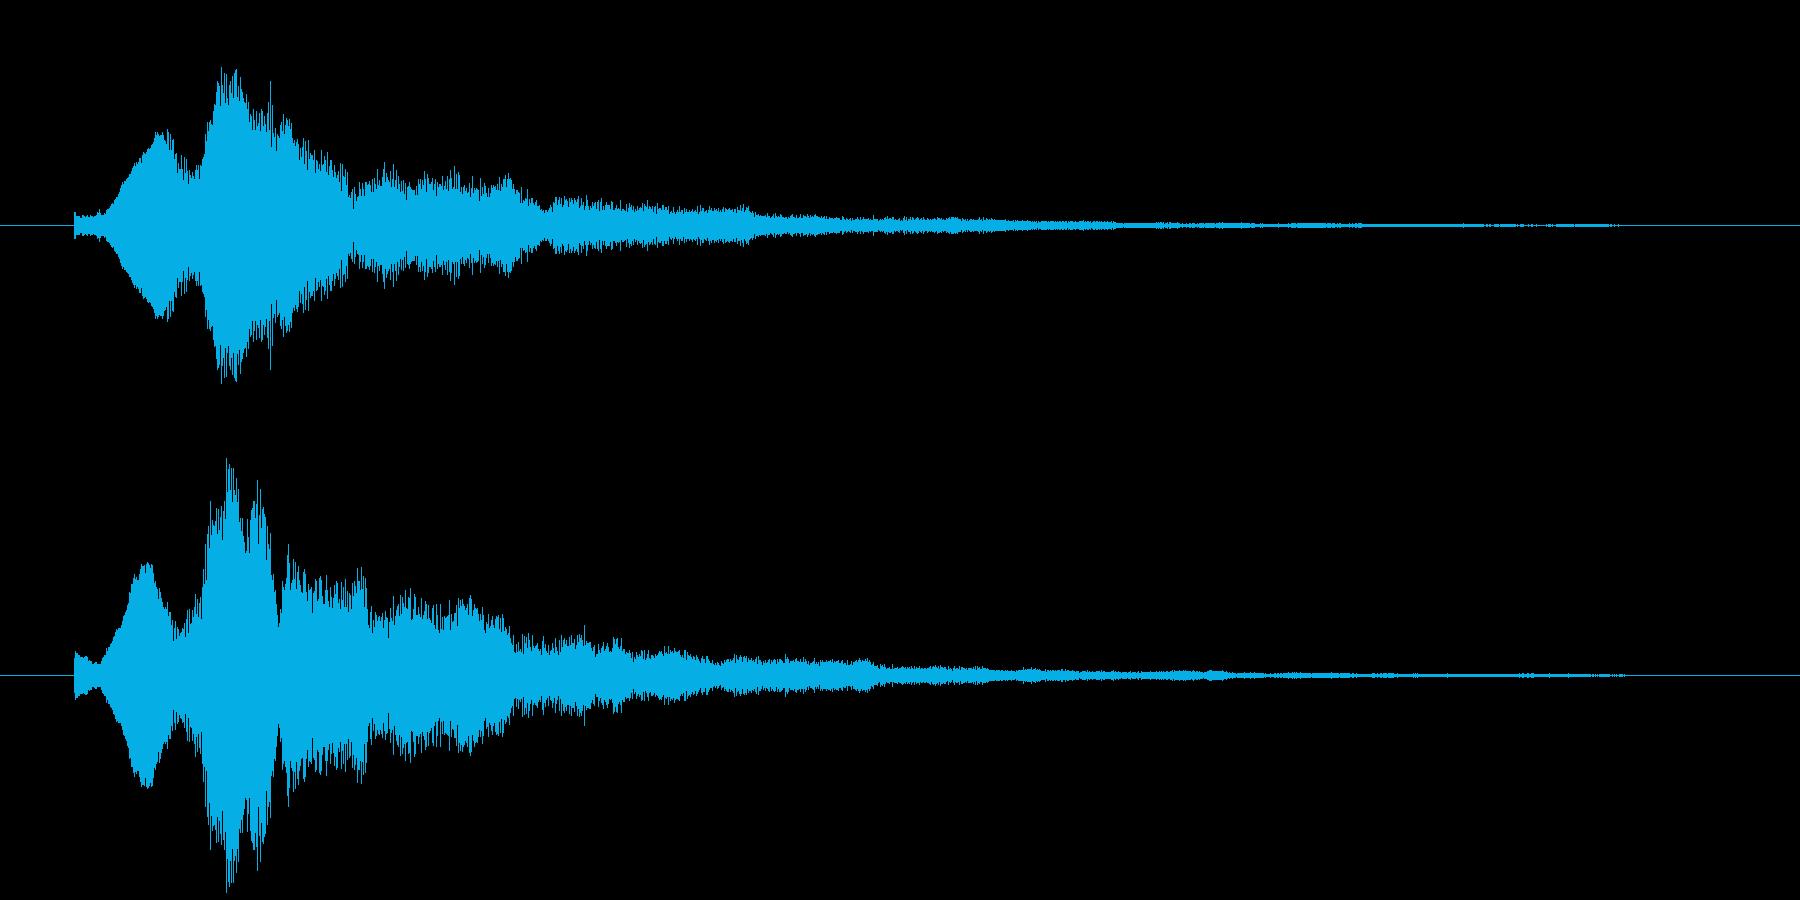 キラキラのベルシンセ音の再生済みの波形